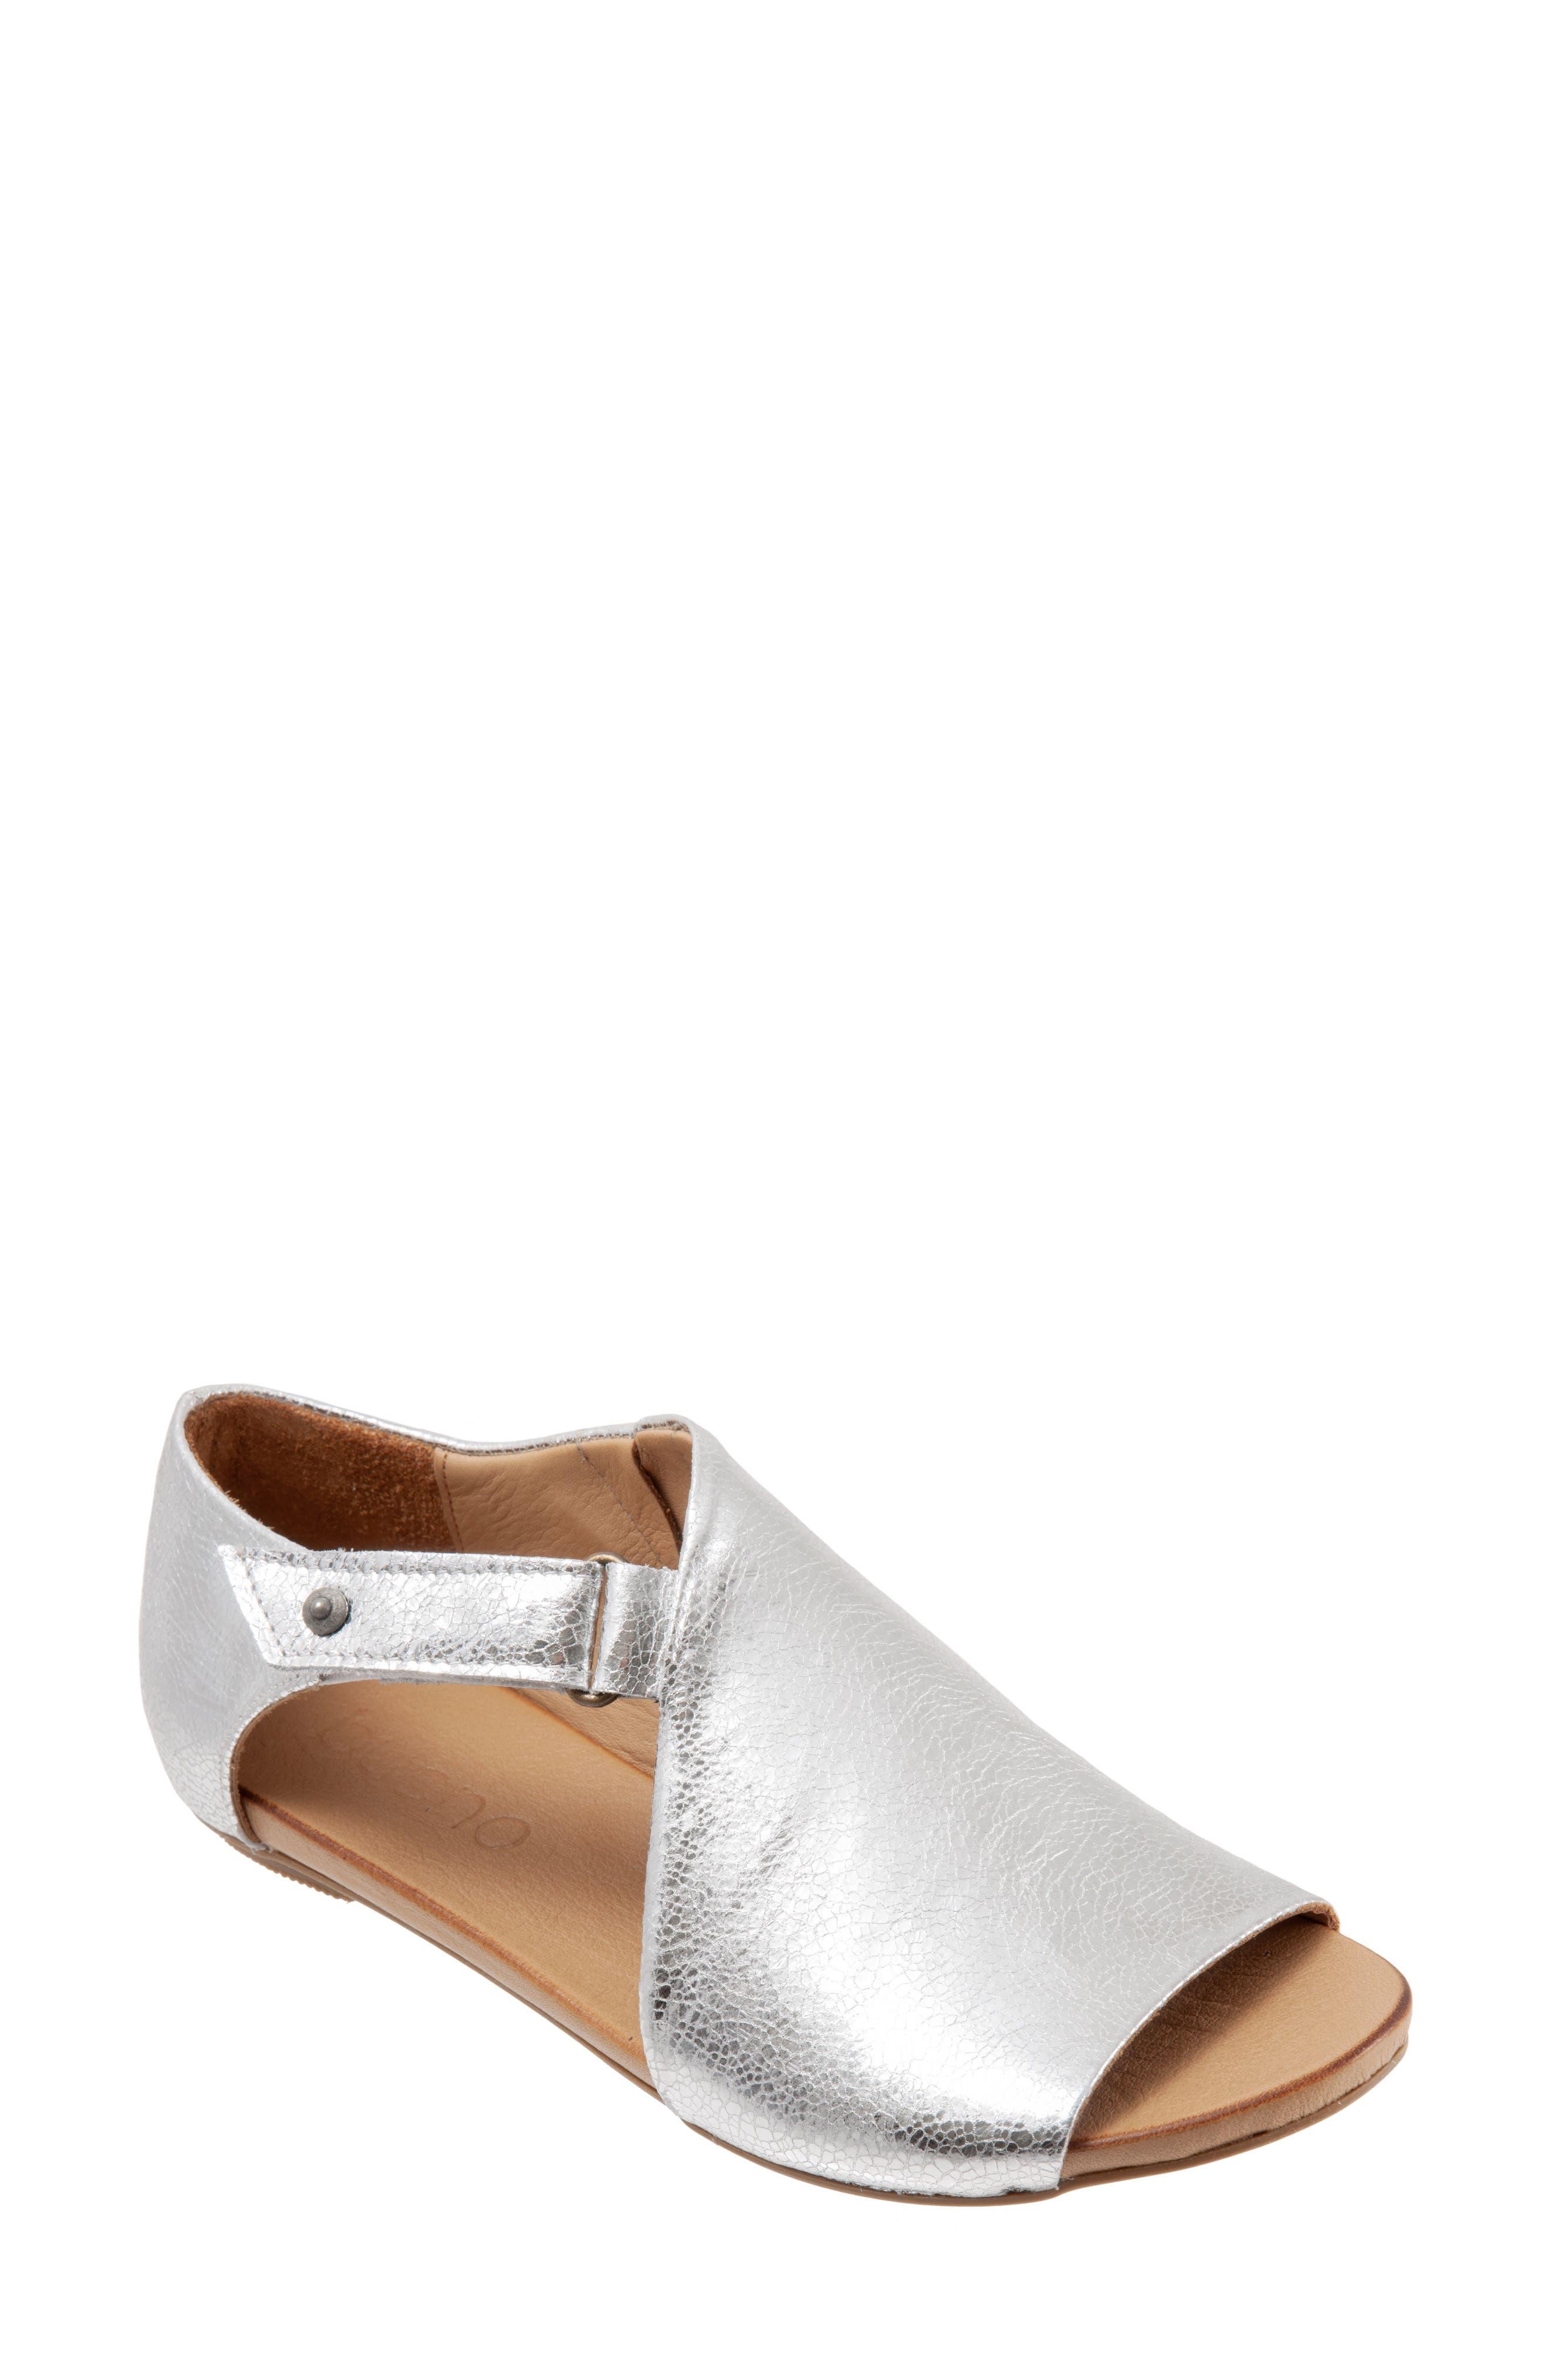 Kale Sandal